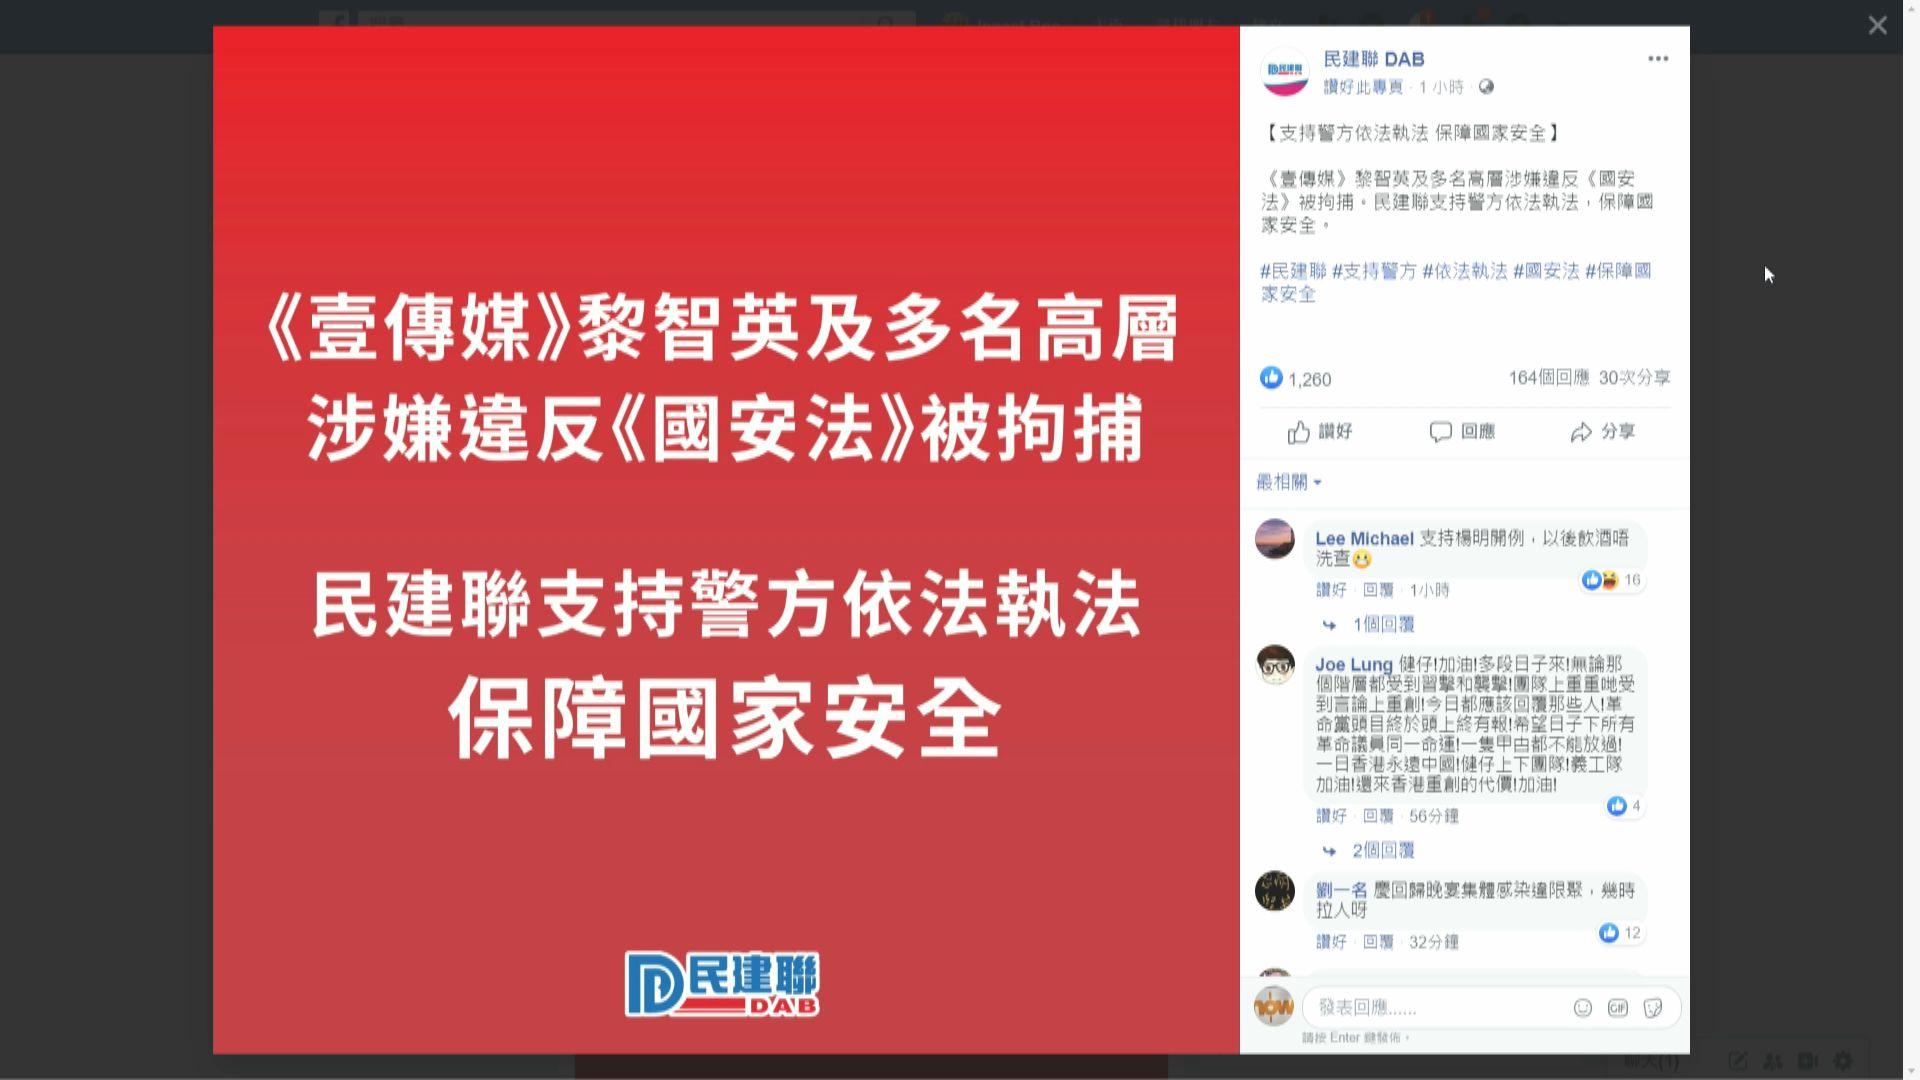 民主派強烈譴責警方行動 民建聯工聯會支持警方執法